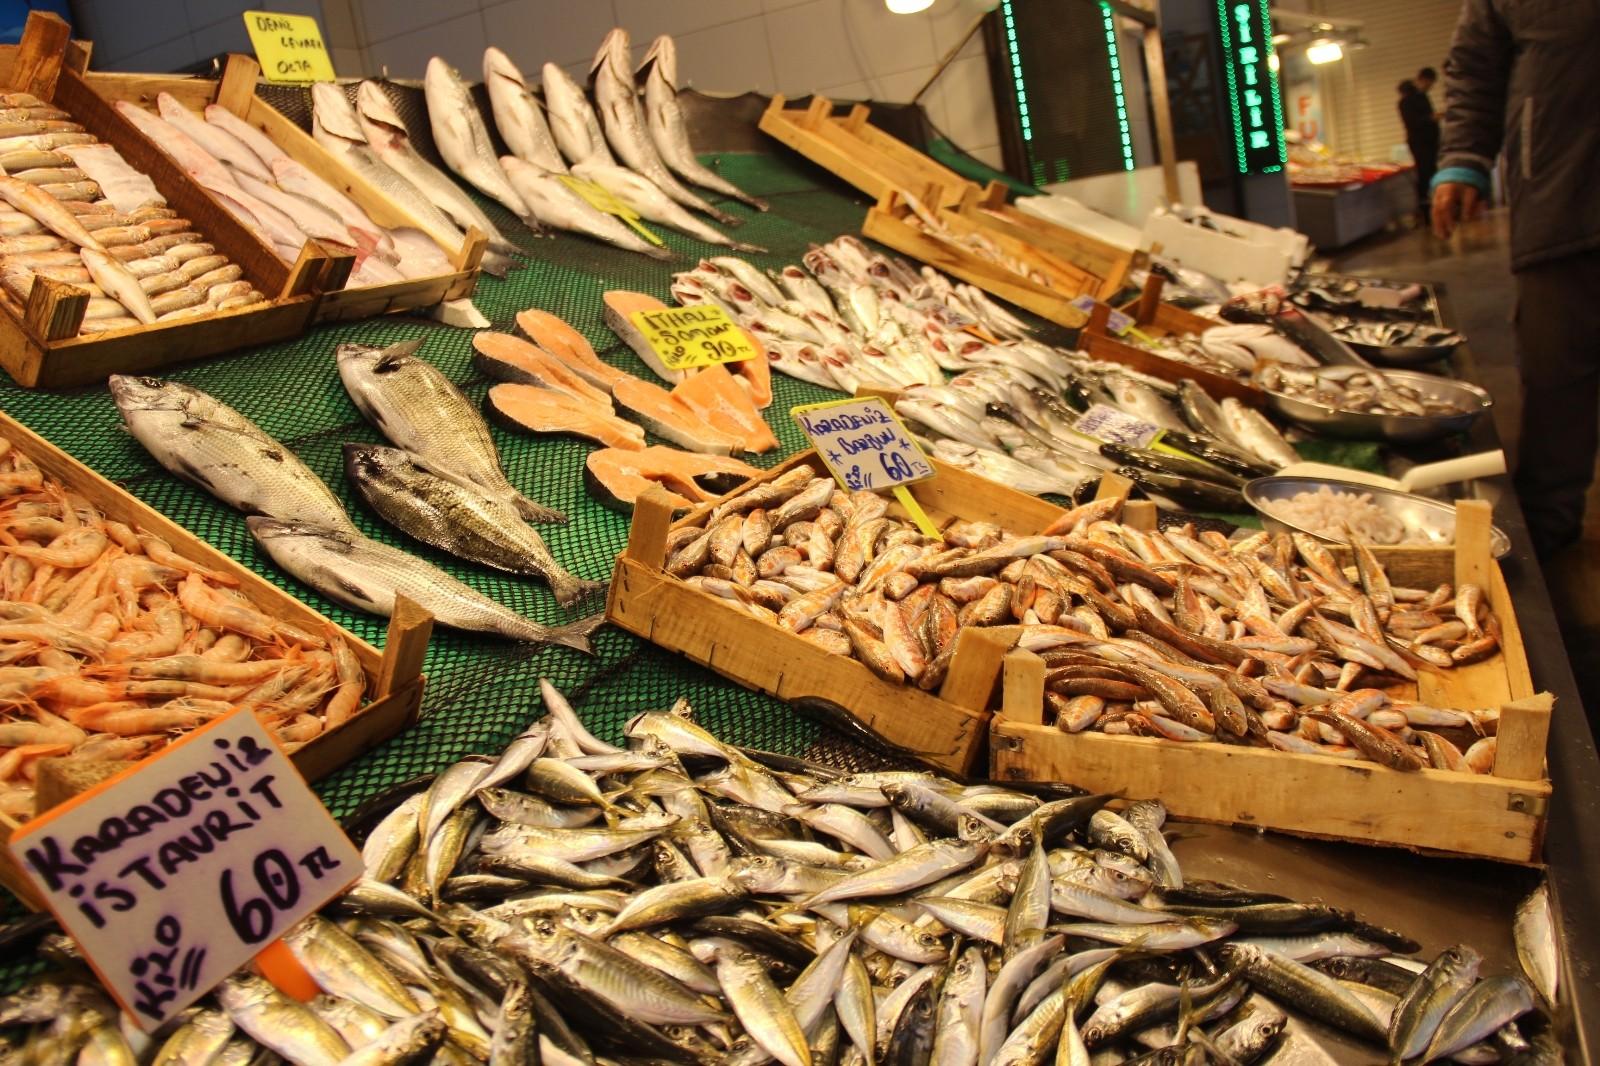 Tezgahlarda 7 gün sonra daha canlı ve daha ucuz balıklar satışa sunulacak